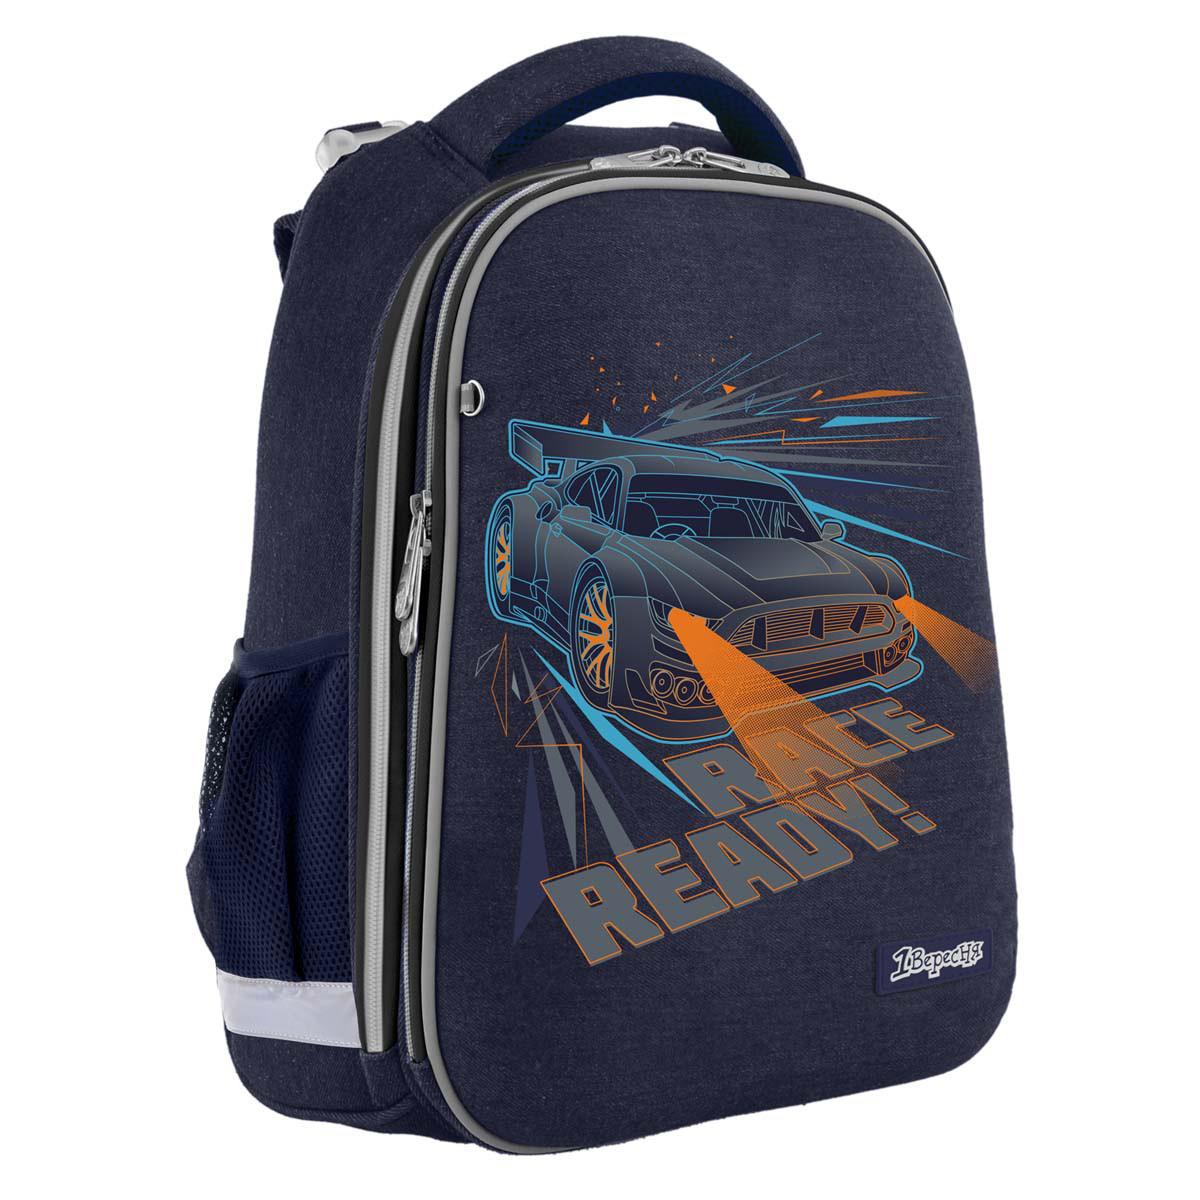 Рюкзак школьный каркасный ортопедический 1 Вересня Н-12 Street race код:558037